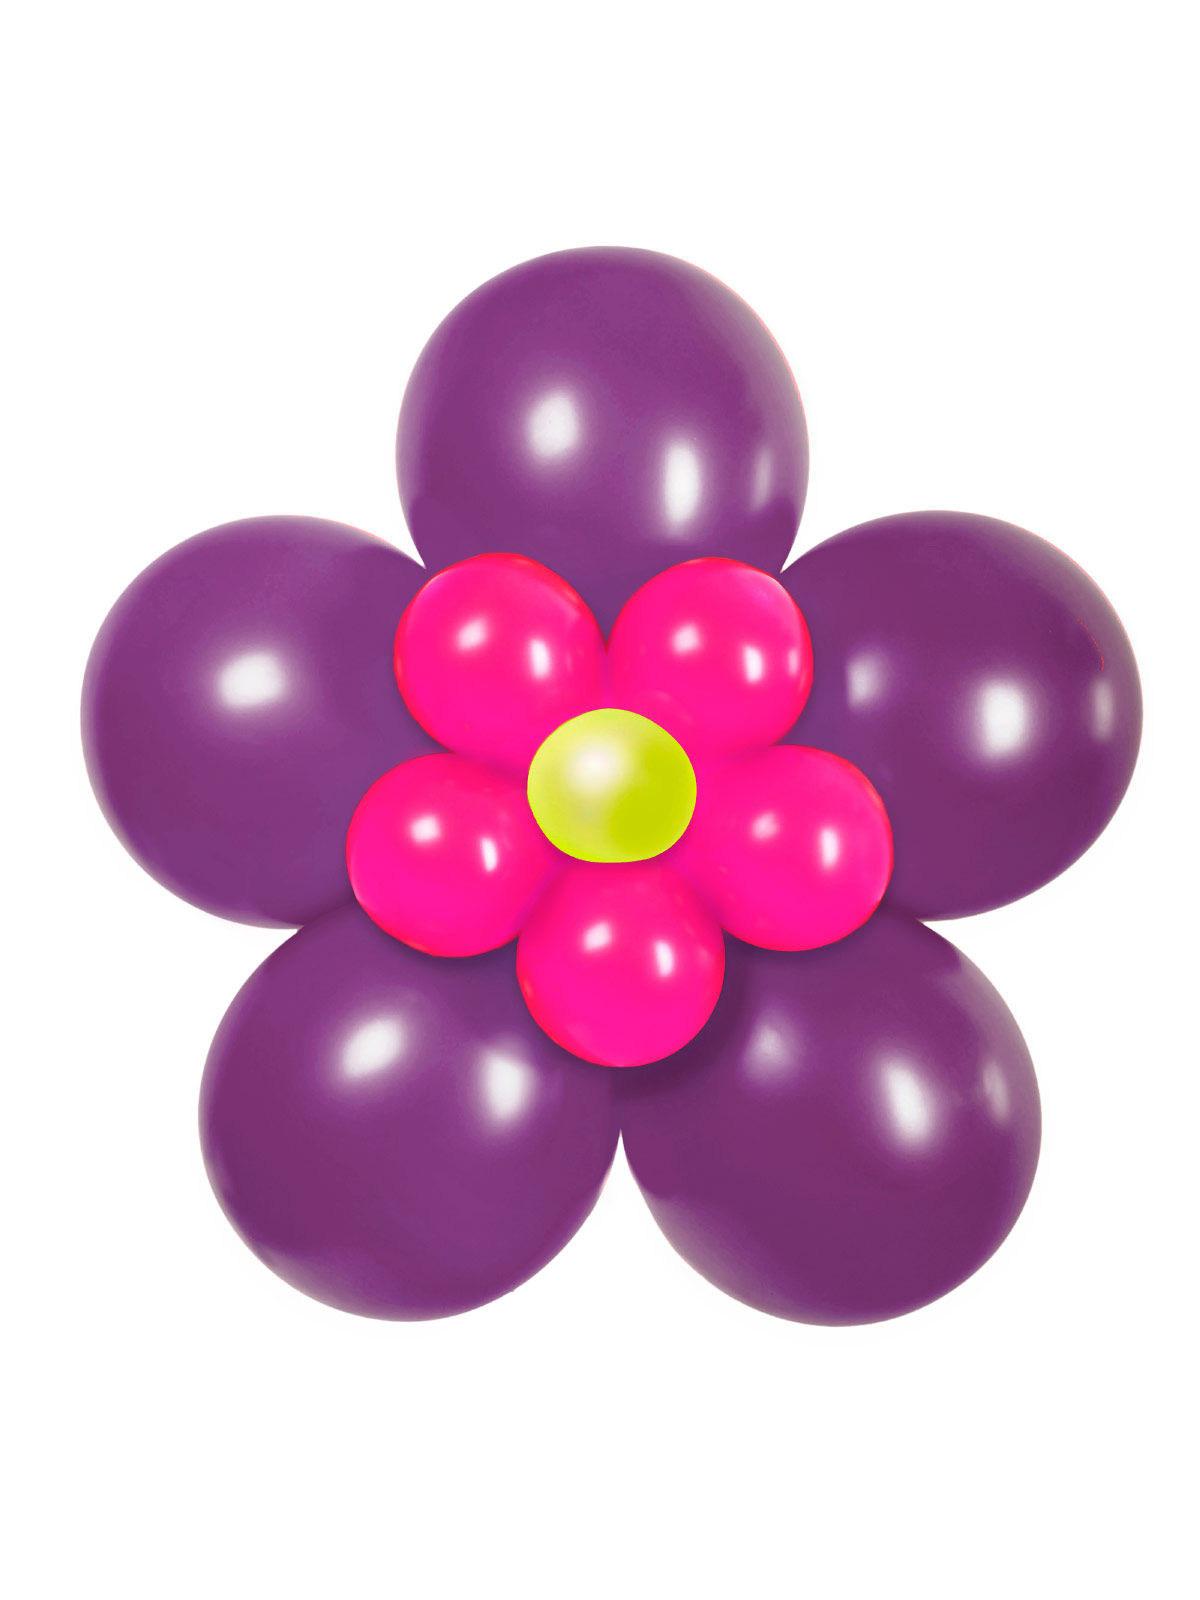 Luftballon Blume Party Deko Set Zum Basteln 17 Teilig Violett Pink